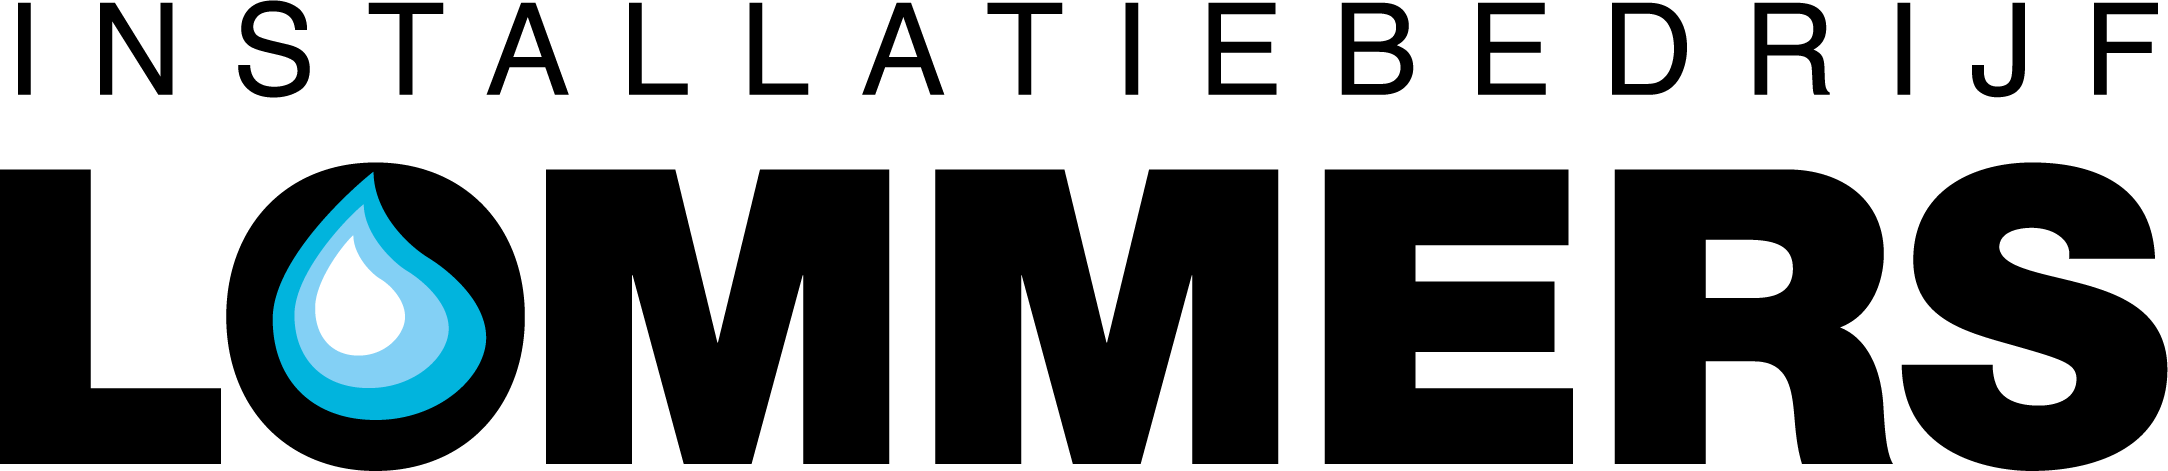 Lommers Installaties